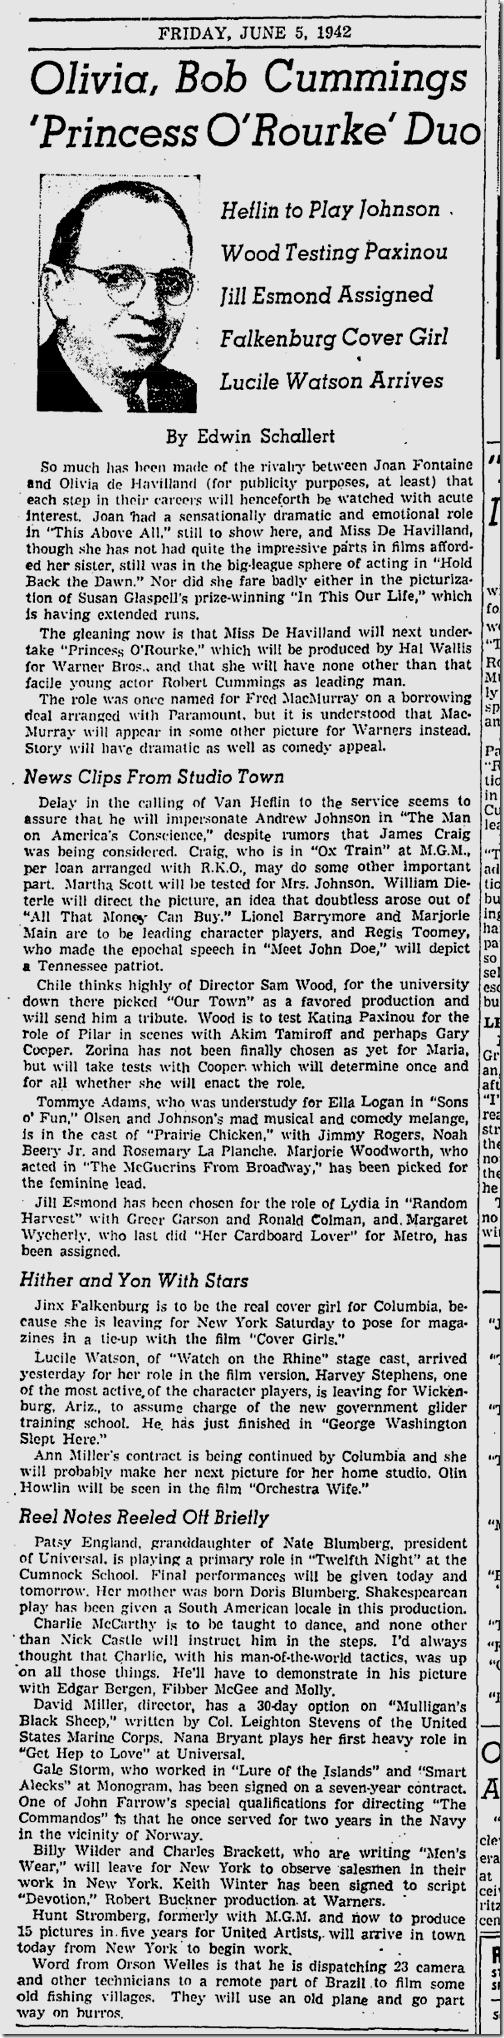 June 5, 1942, Edwin Schallert